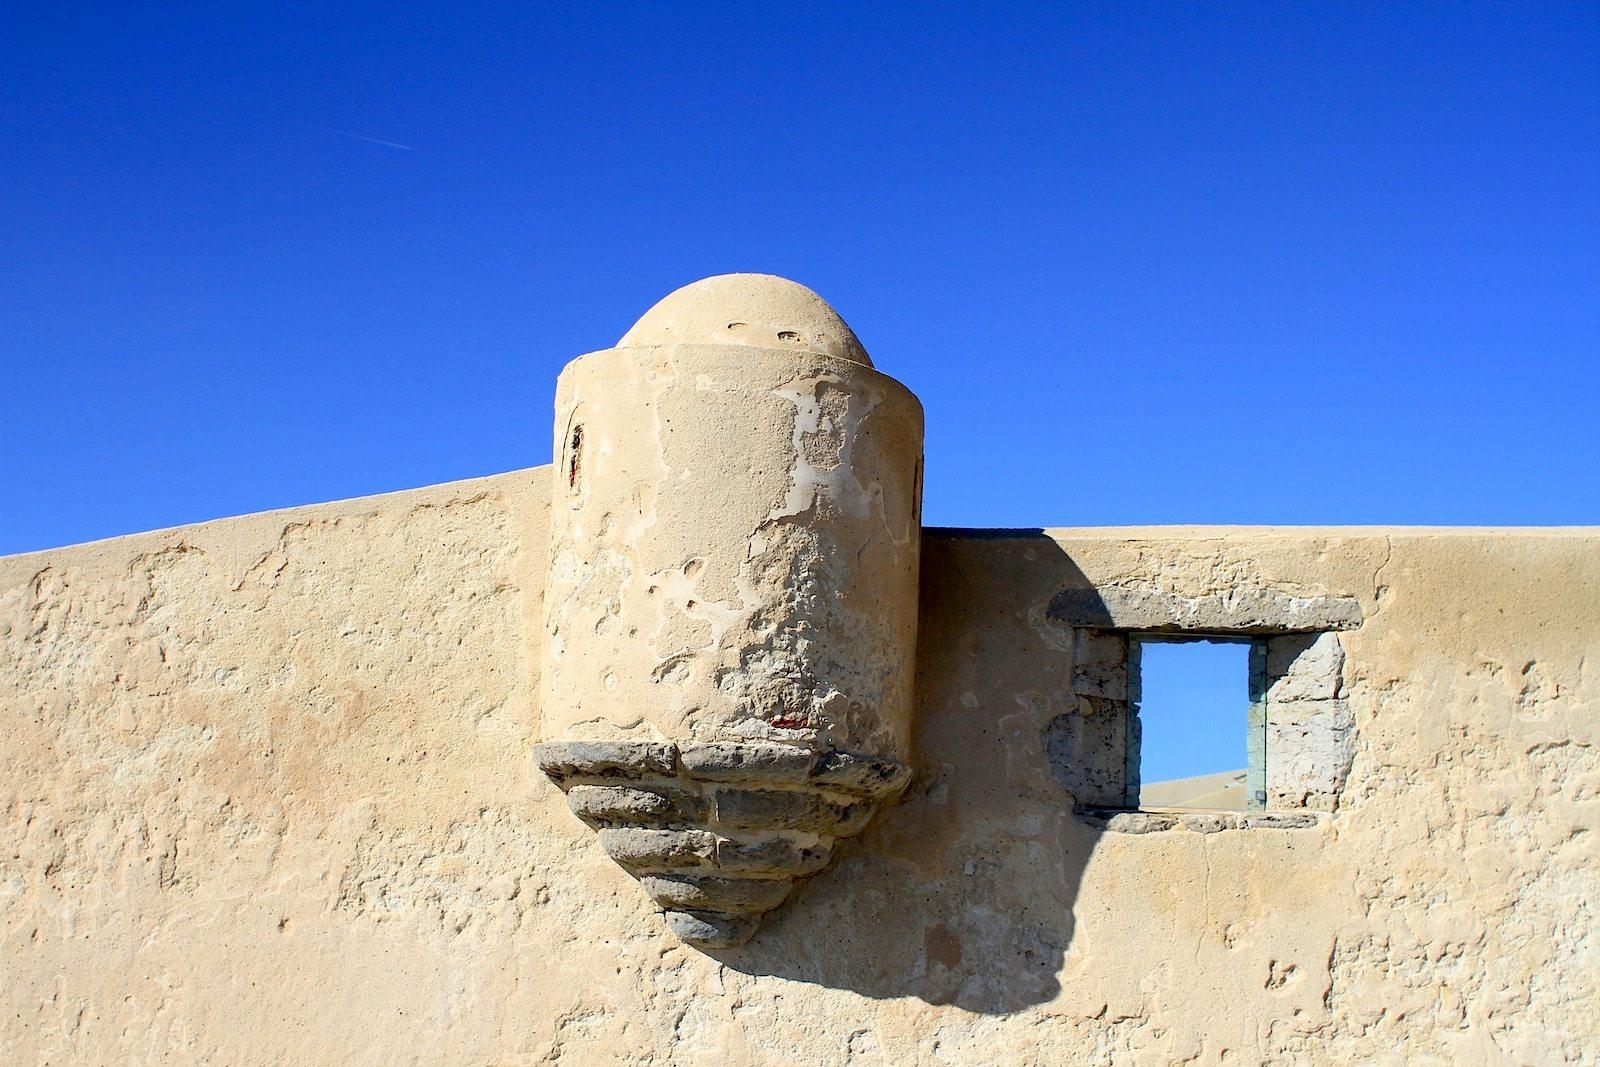 Festung S. Jorge Oitavos. Komplex auf der Klippe:  die Militärfestung diente dem Schutz der Bevölkerung.